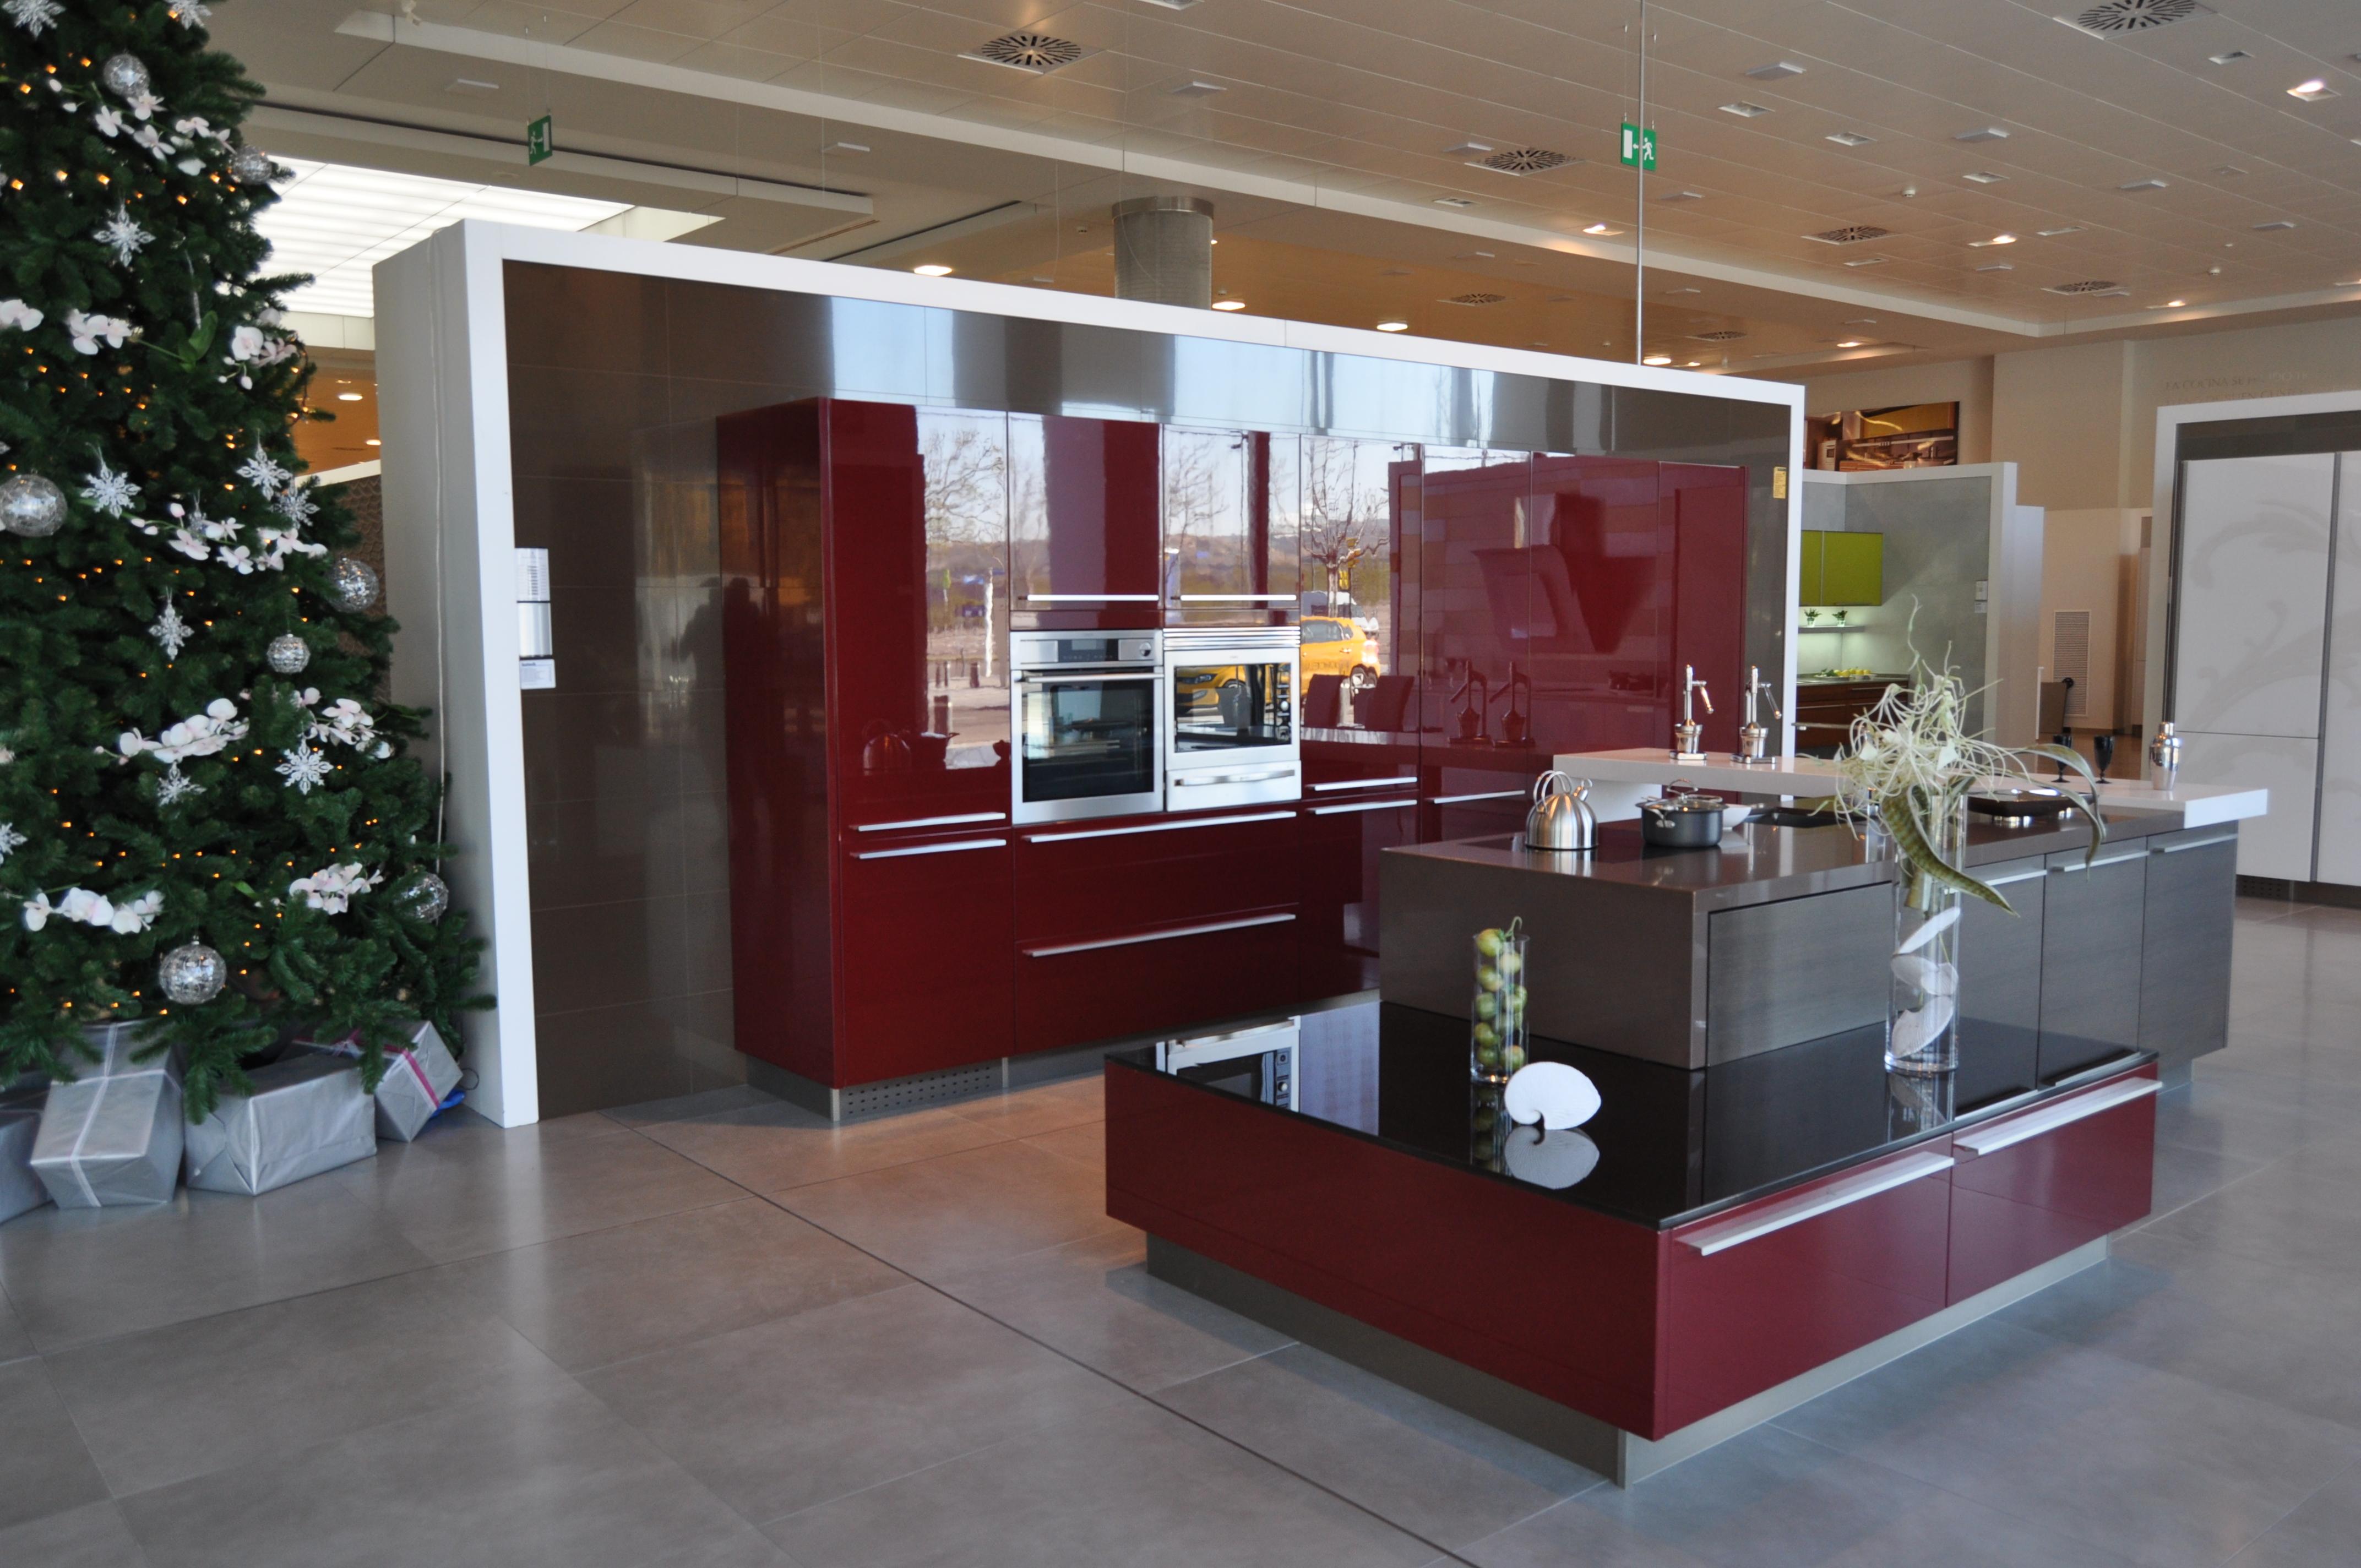 Genial muebles de cocina zaragoza galer a de im genes - Muebles de cocina zaragoza ...